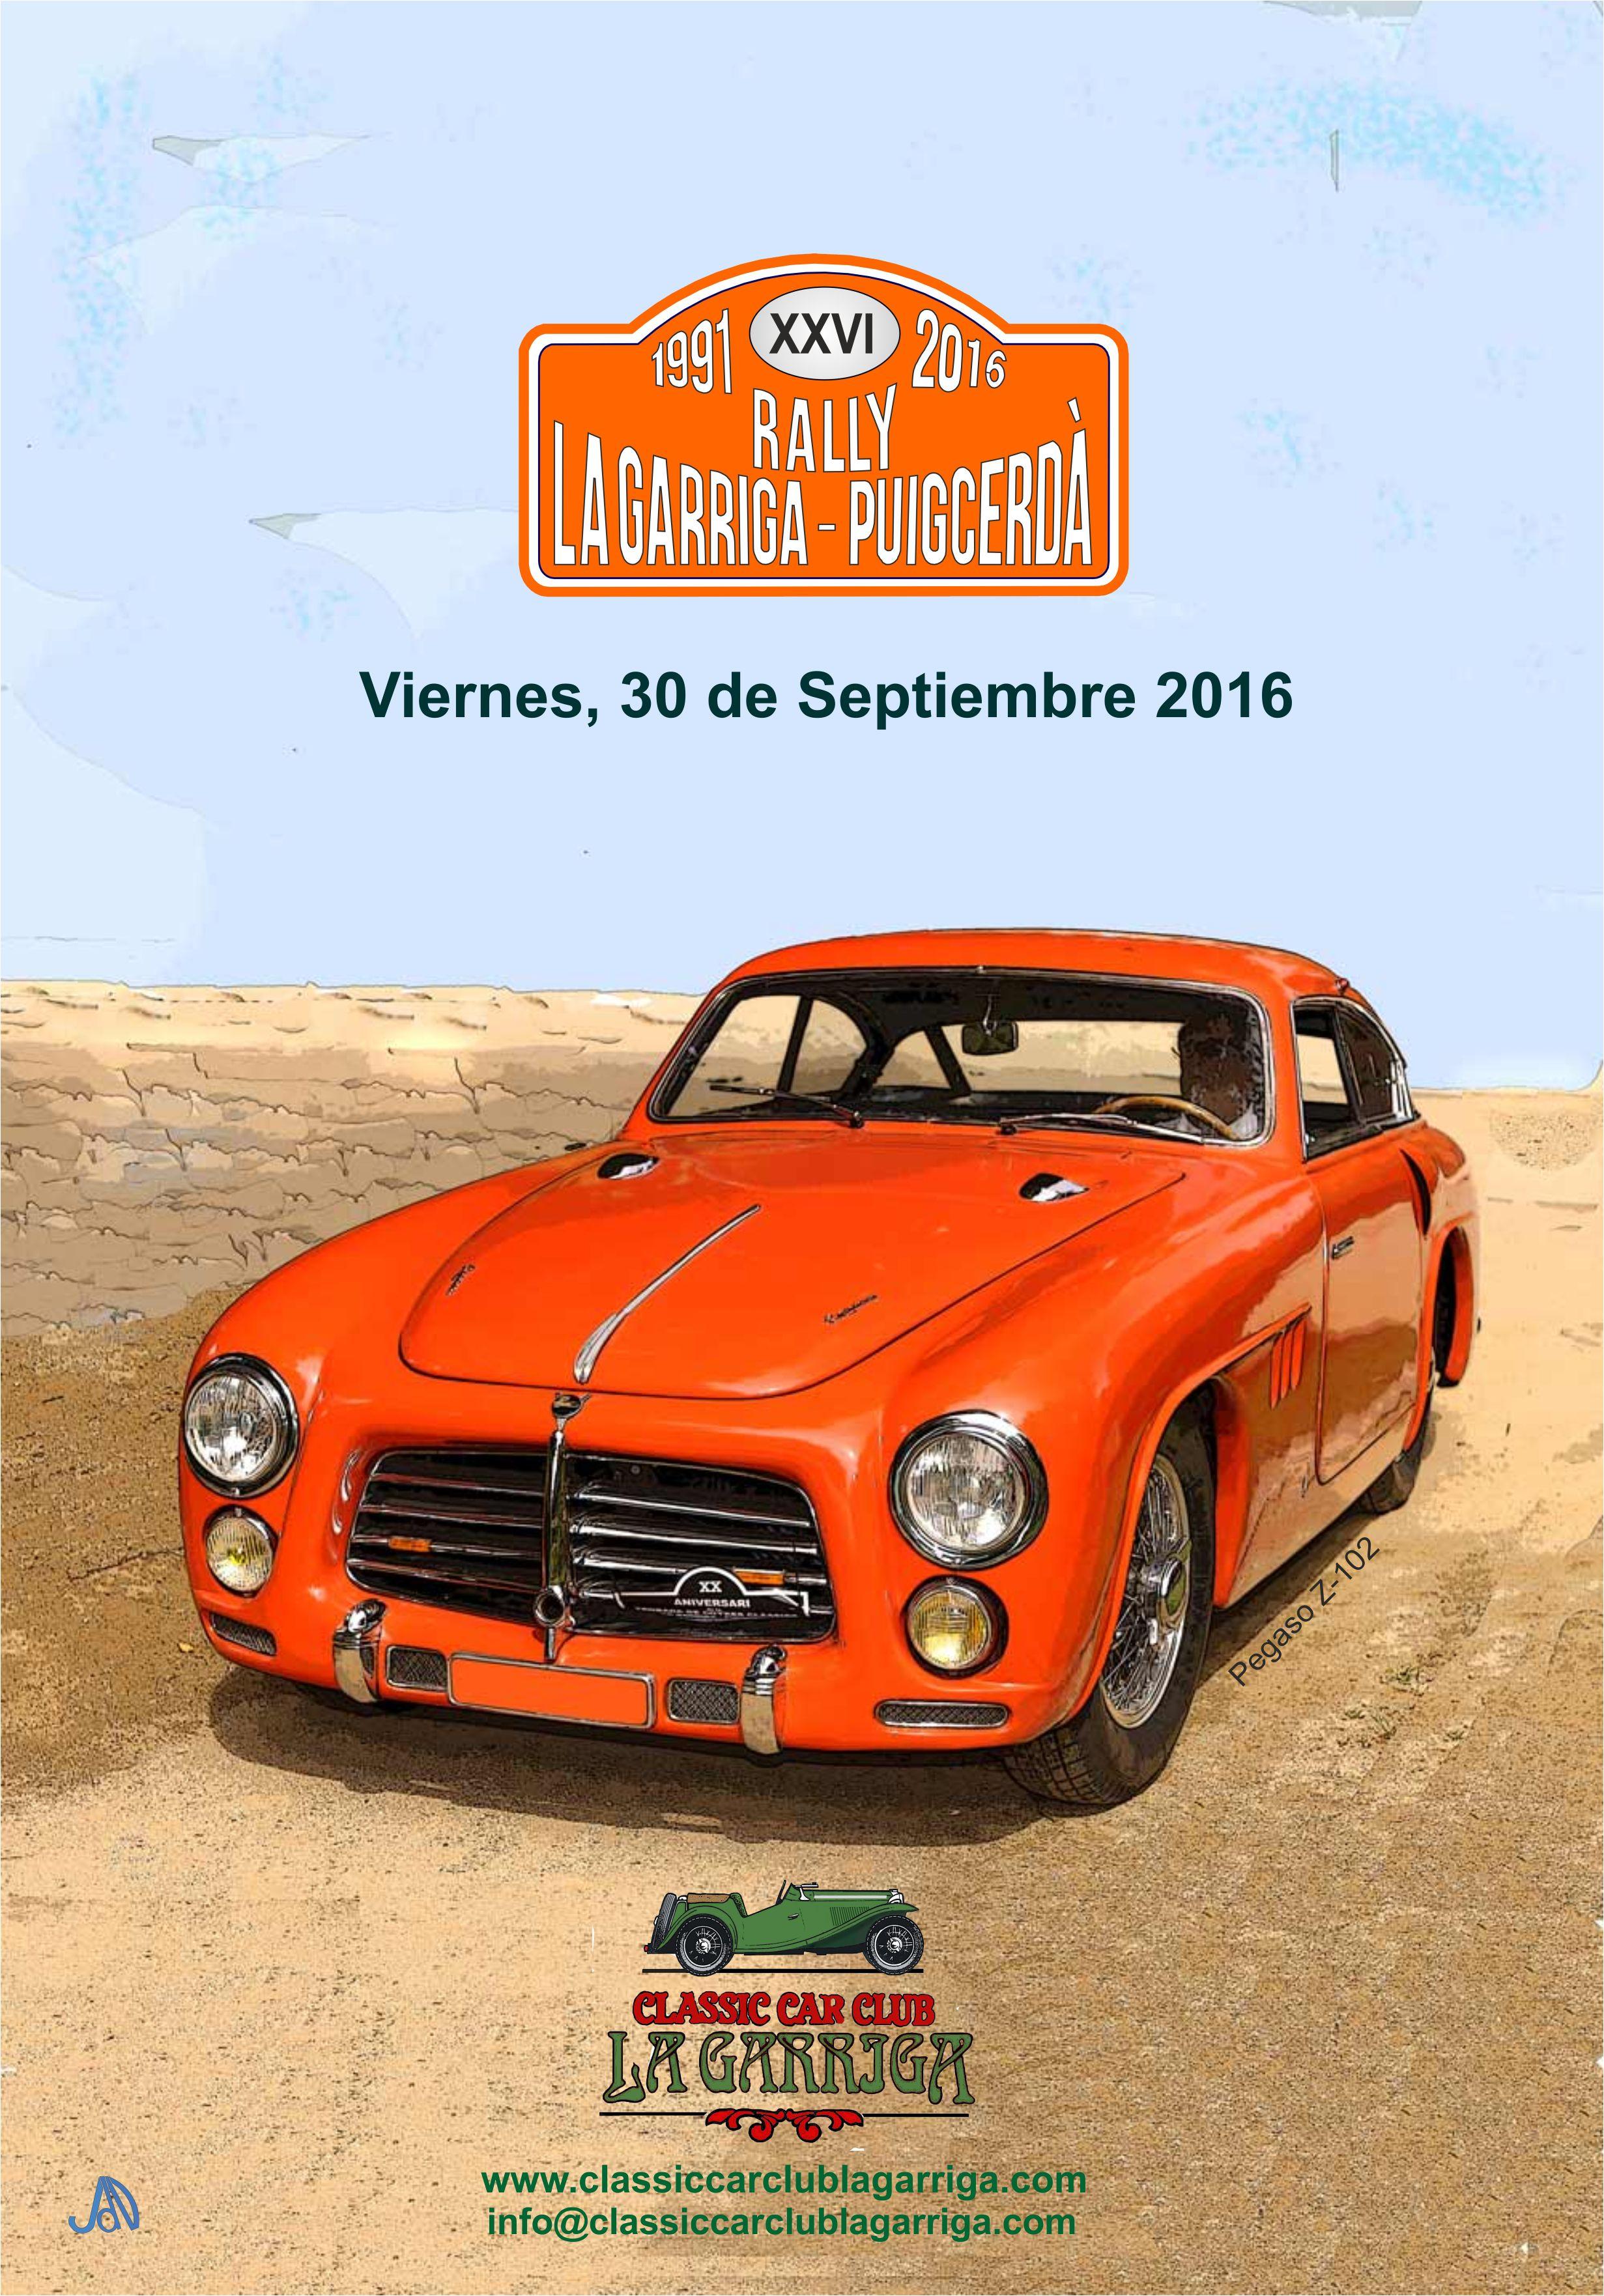 Divendres 30 de setembre se celebrarà la XXVI edició del Rally de Clàssics La Garriga-Puigcerdà, organitzat pel Classic Car Club La Garriga.